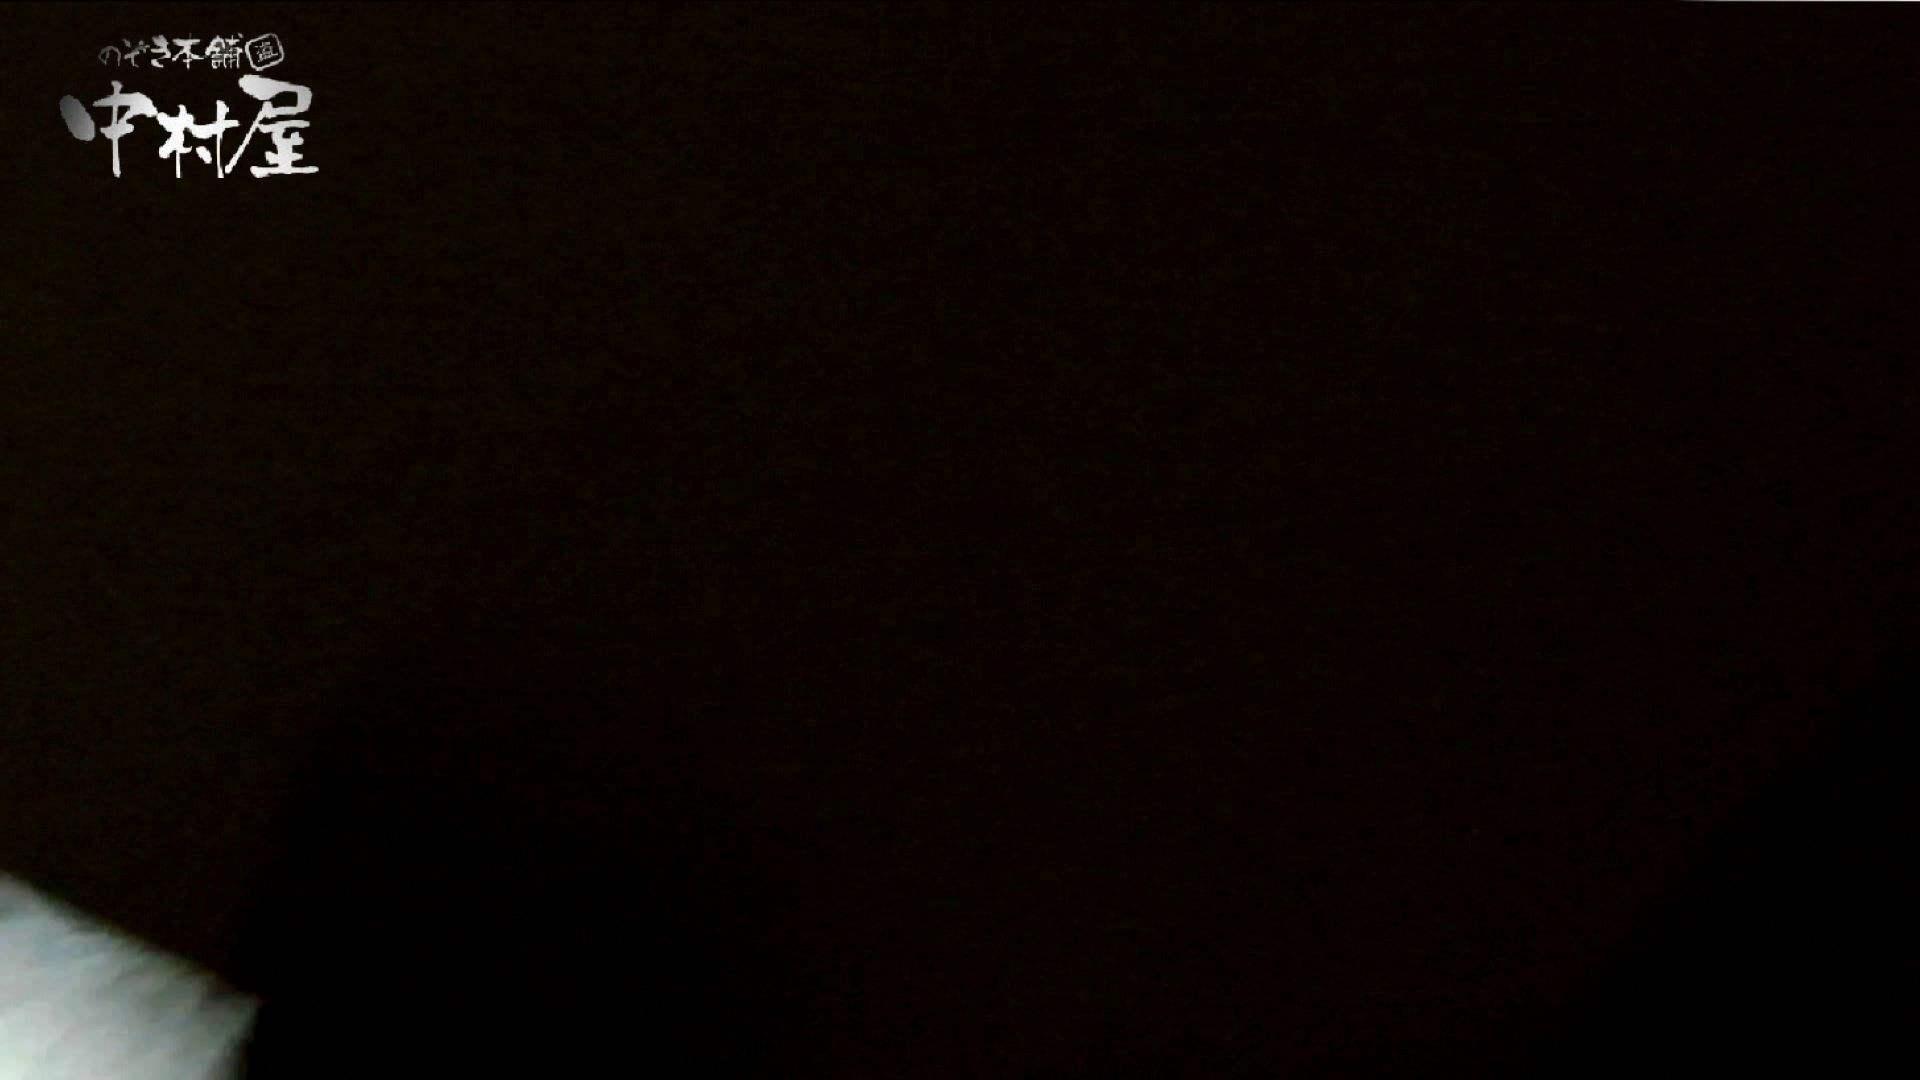 【世界の射窓から】世界の射窓から vol.12 OLエロ画像 | 洗面所  83PICs 55